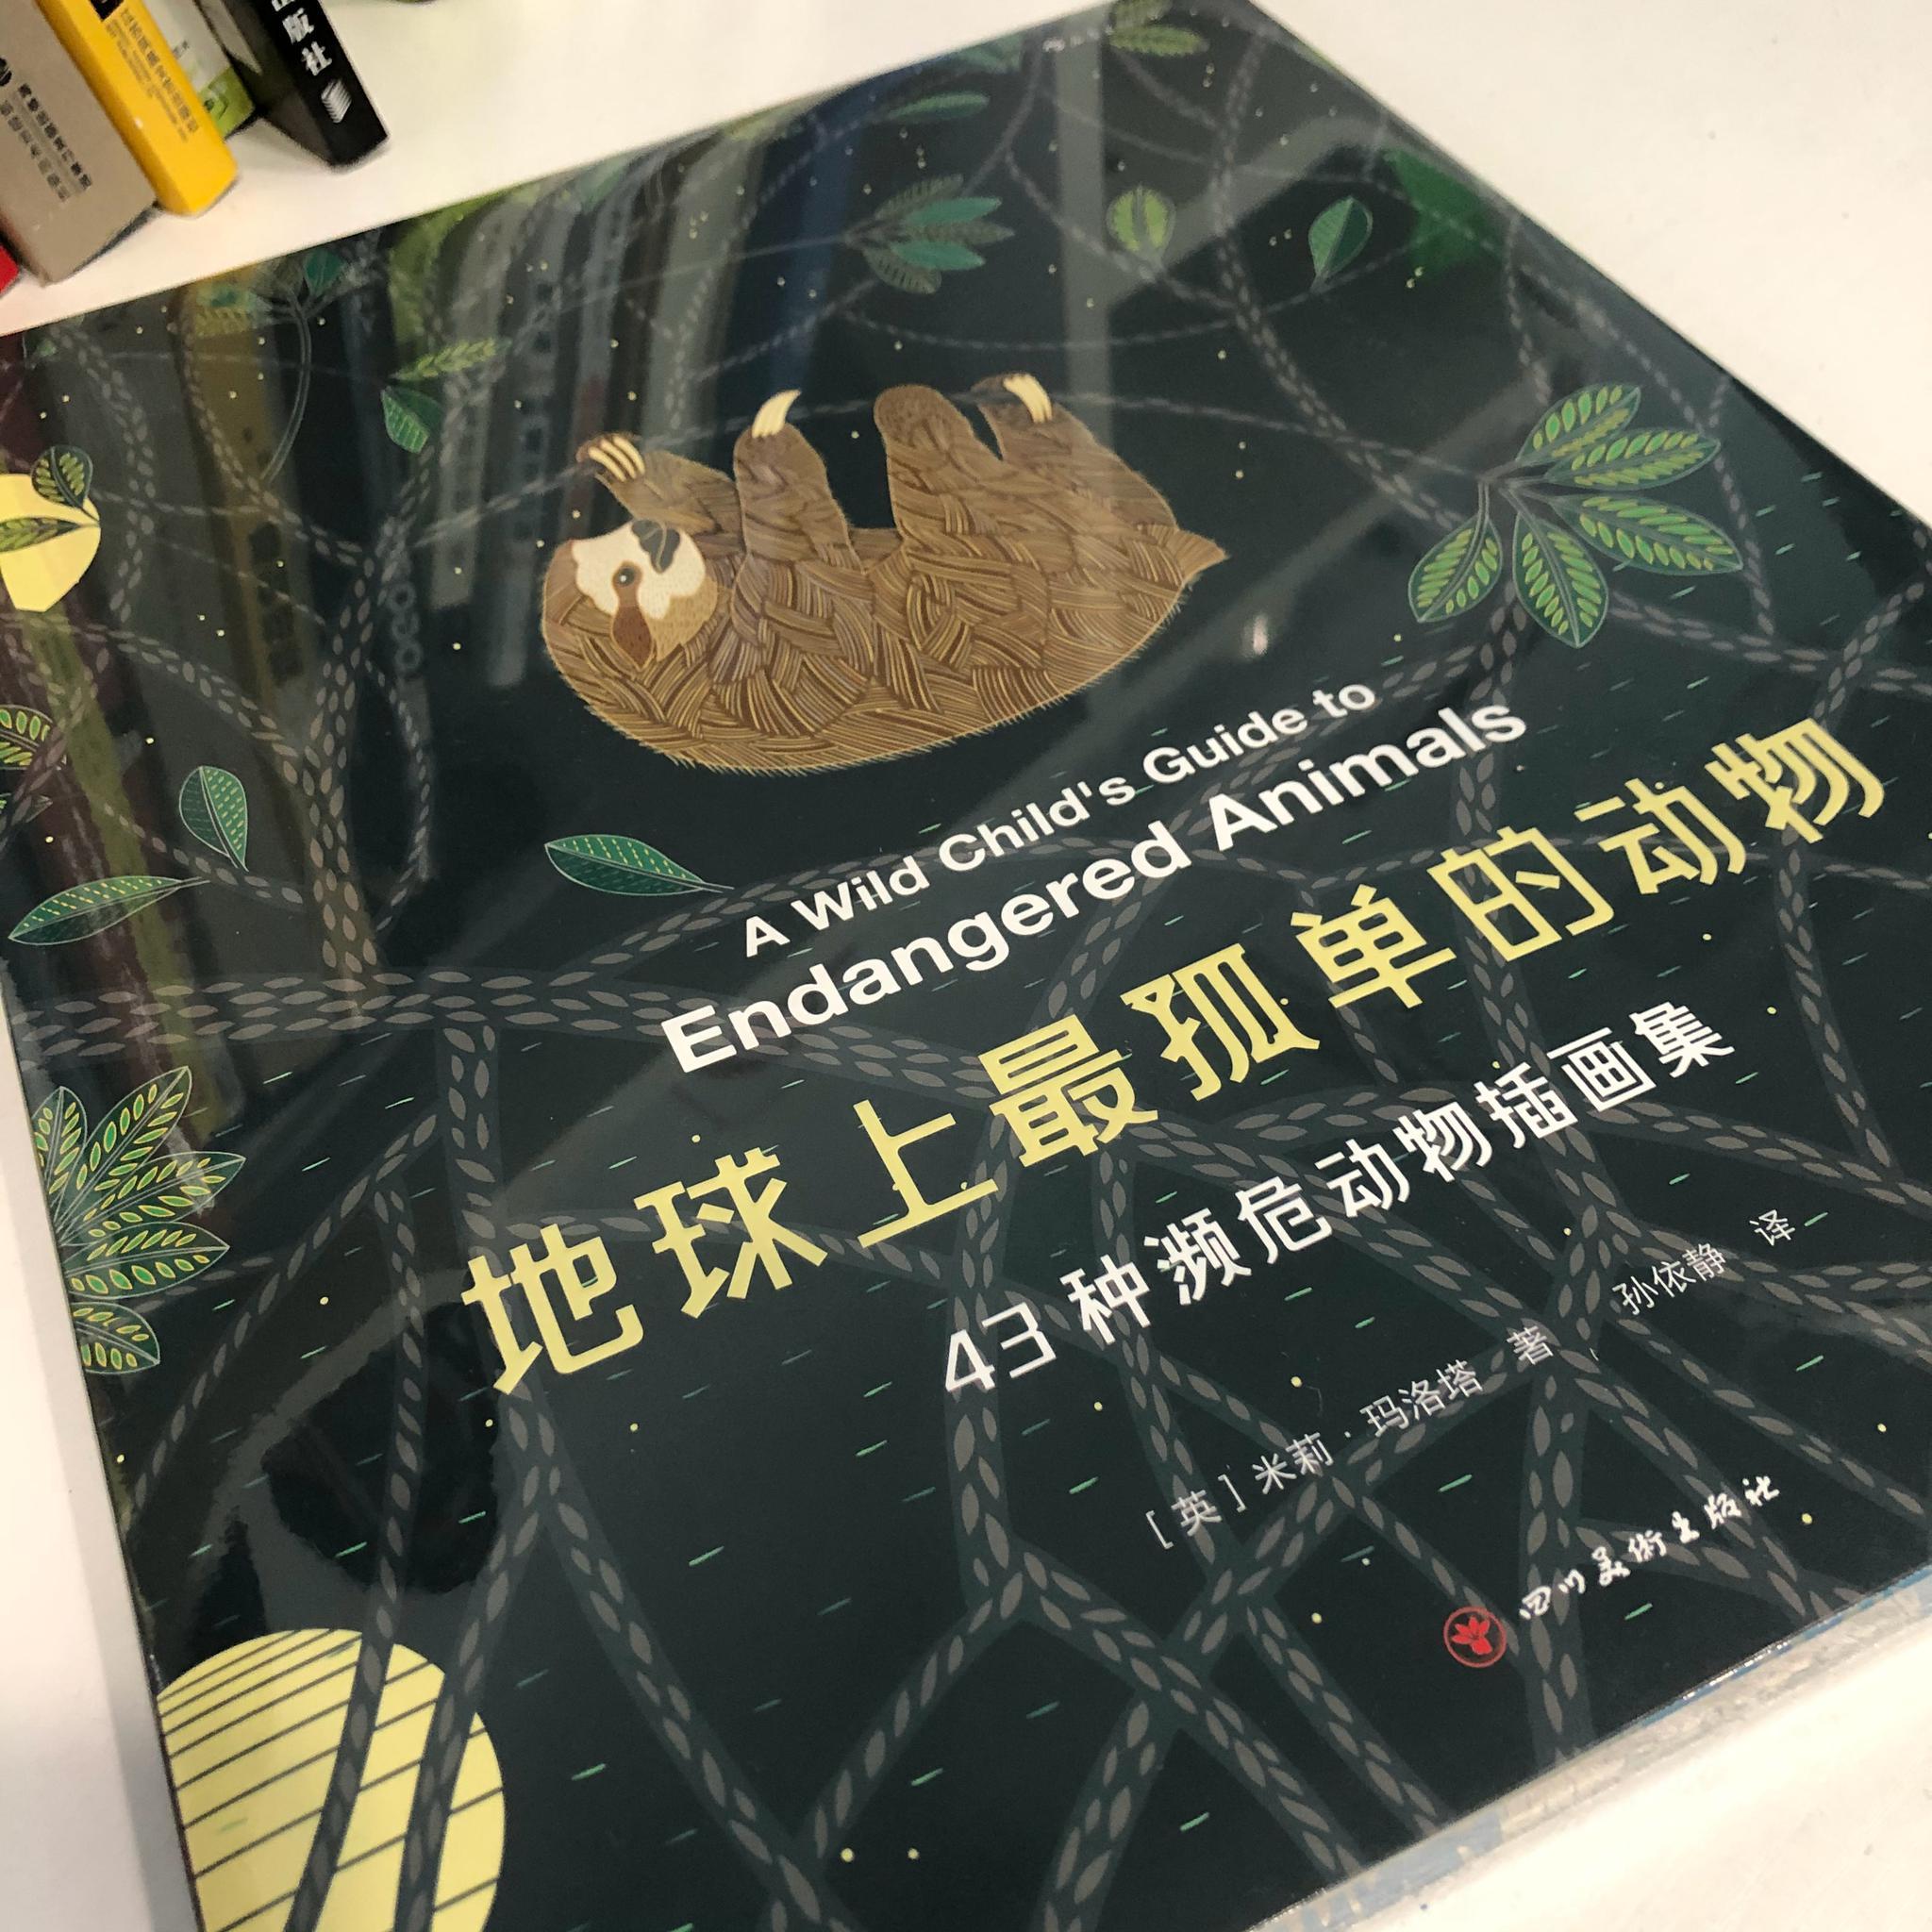 感谢后浪出版送的新书《地球上最孤单的动物》,里面的插画非常喜欢